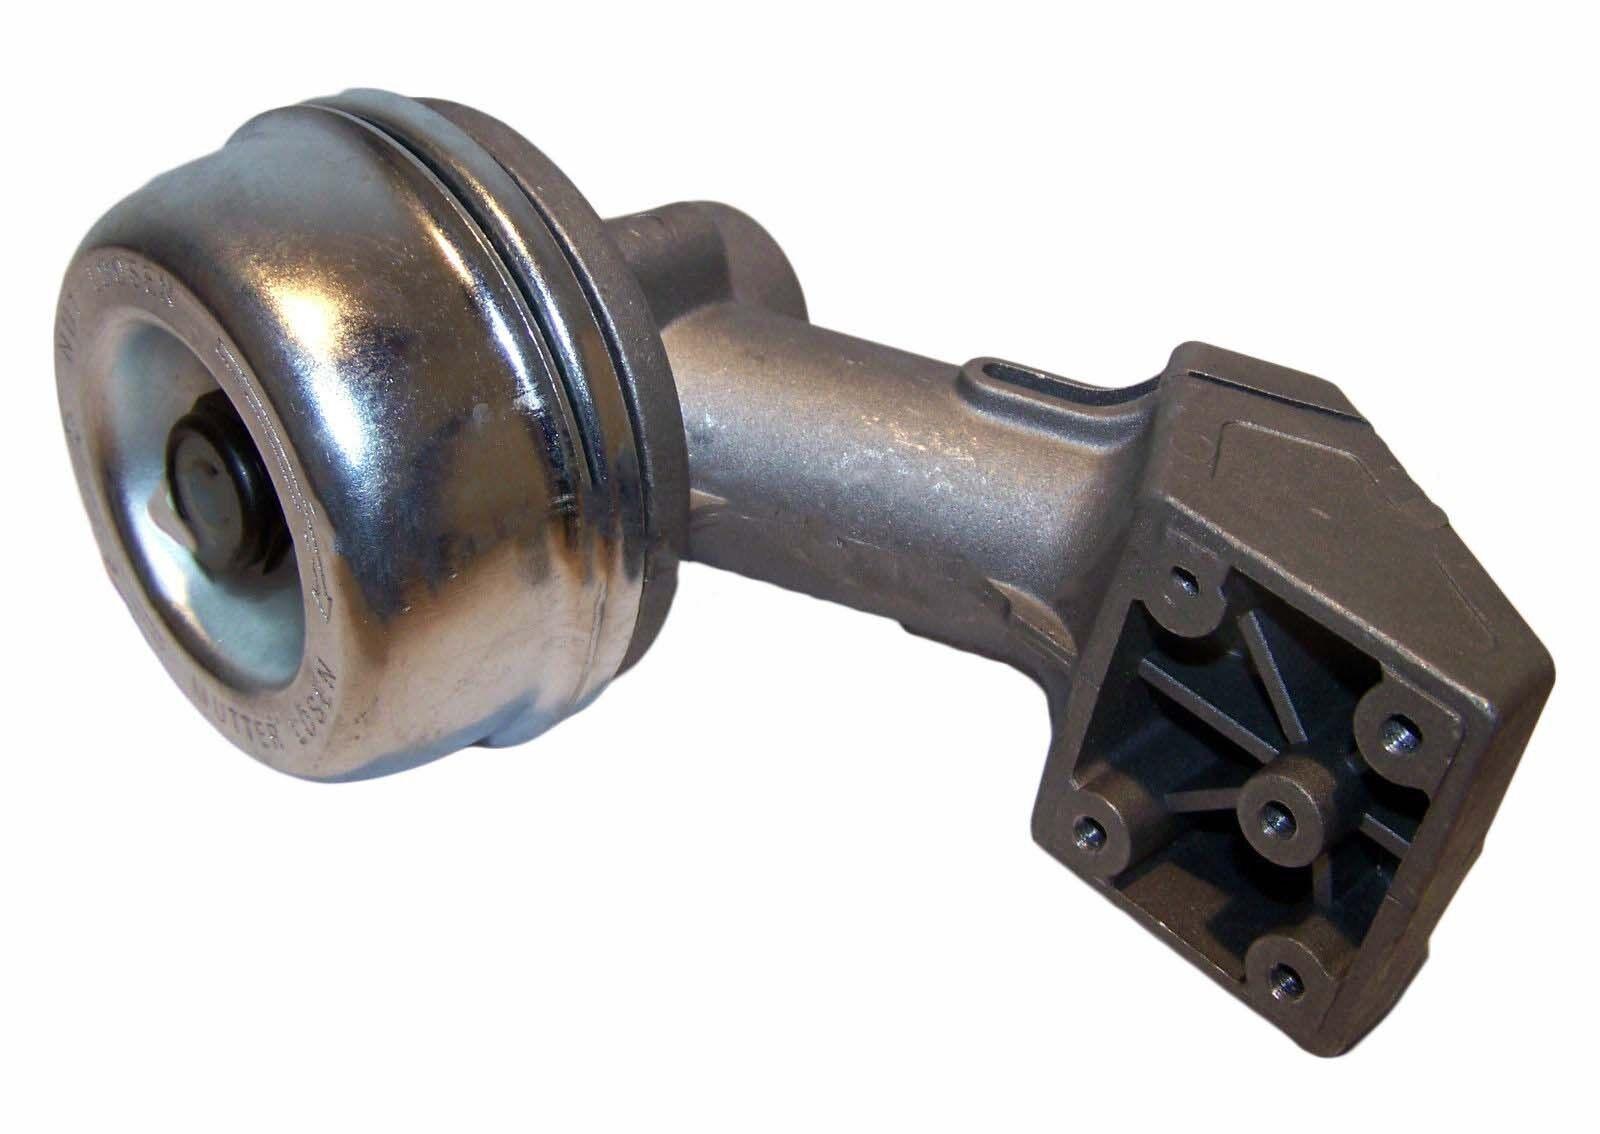 Compatibile Stihl FS75 fs83 Fs85 FS90 FS120 FS200 FS250 scatola del cambio TESTA